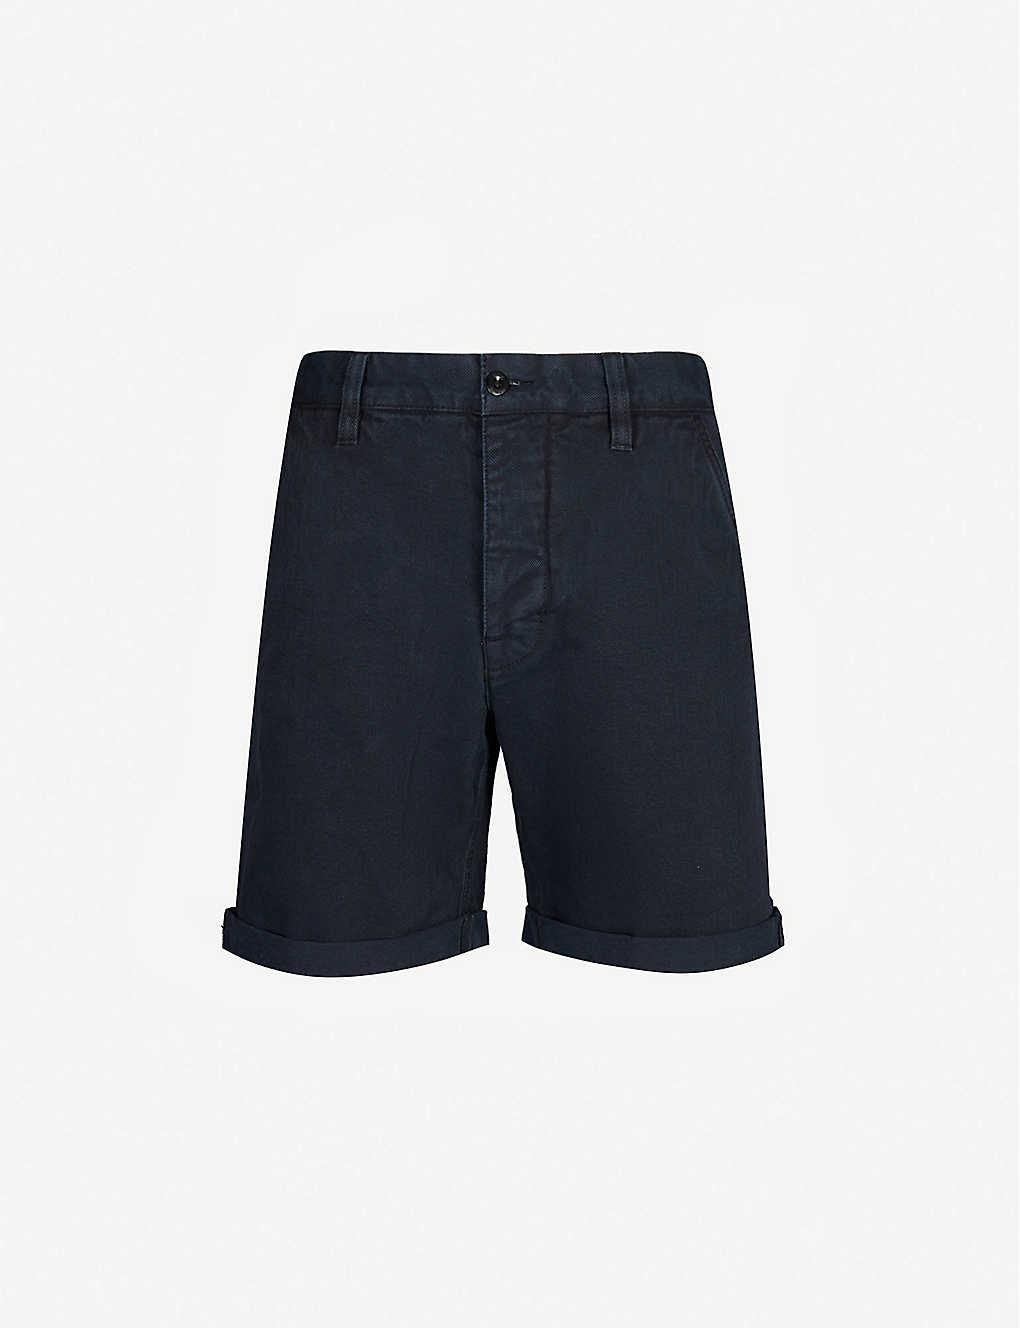 Hem Nudie Denim Turn Luke Up Jeans Shorts rQdhstC